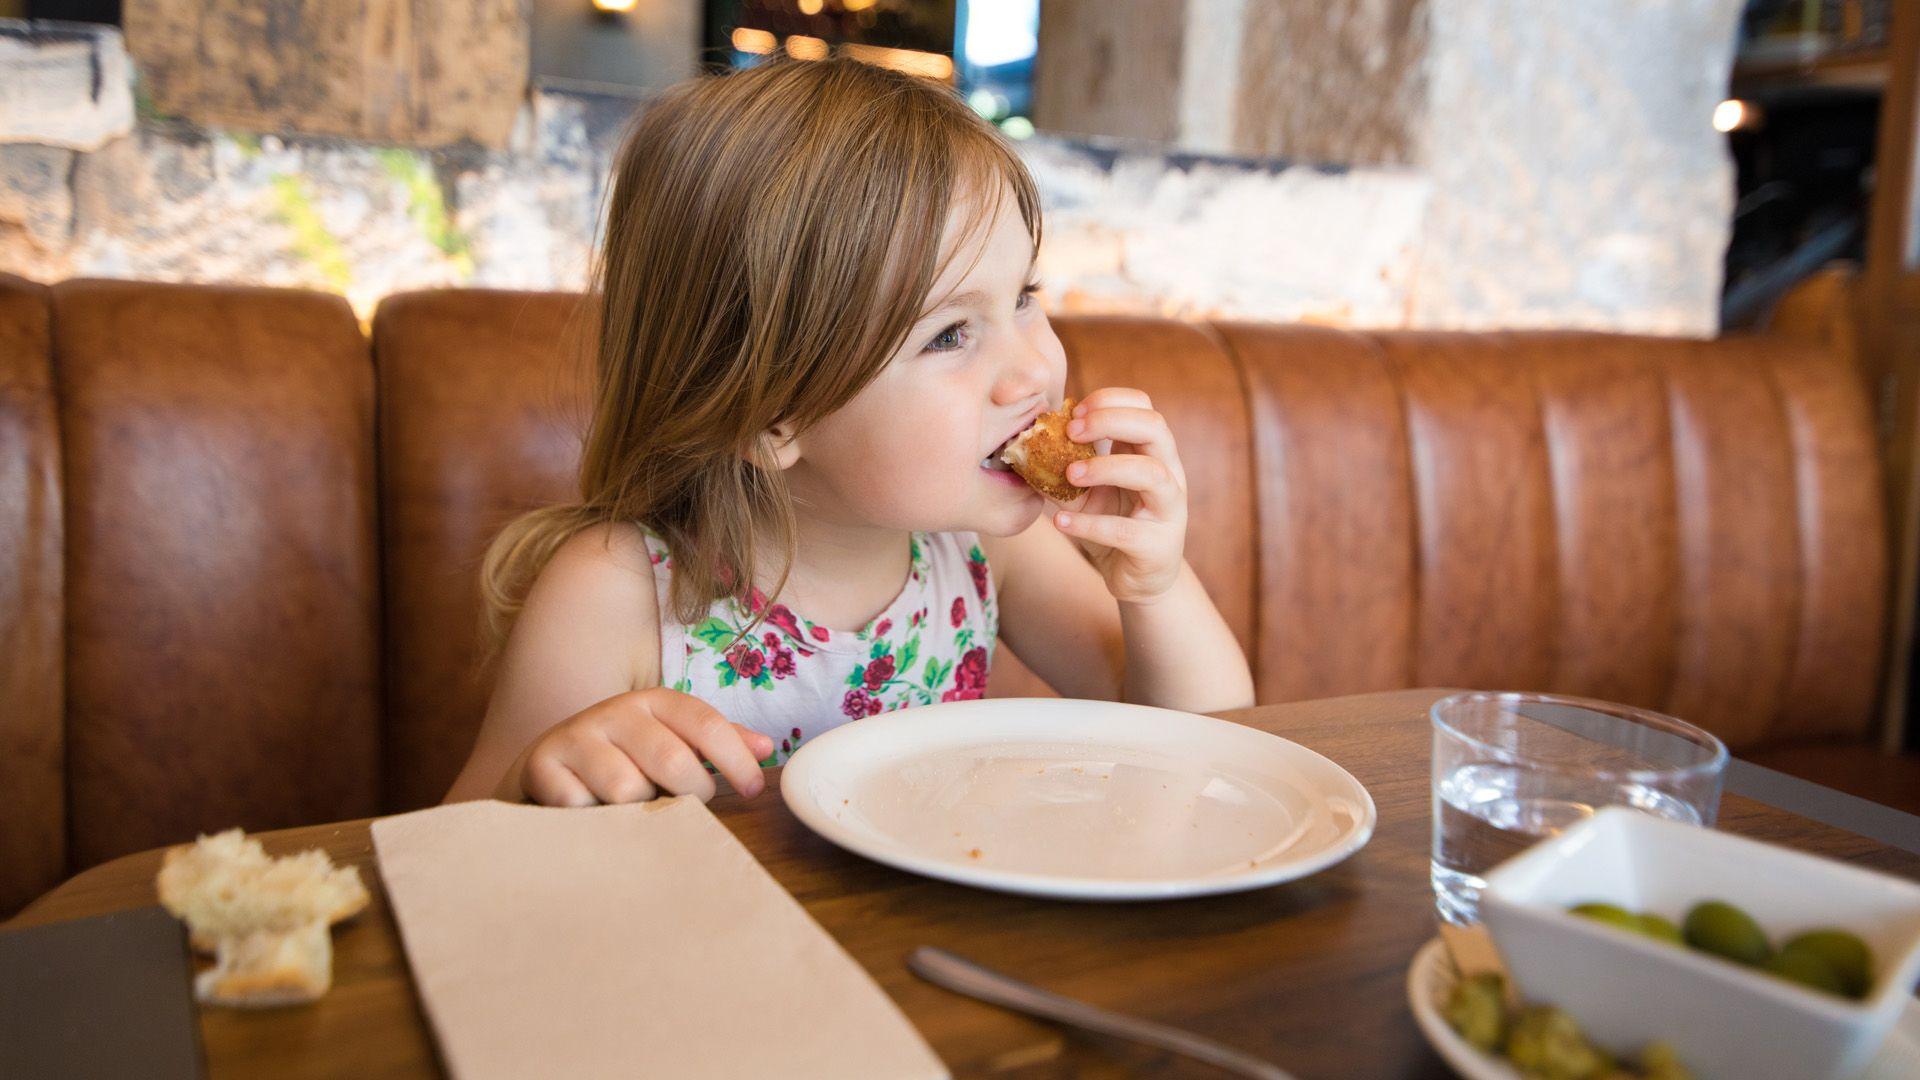 Vásárol féregtablettákat gyermekek számára, Hogyan kell kezelni a gyermek féregtablettáit